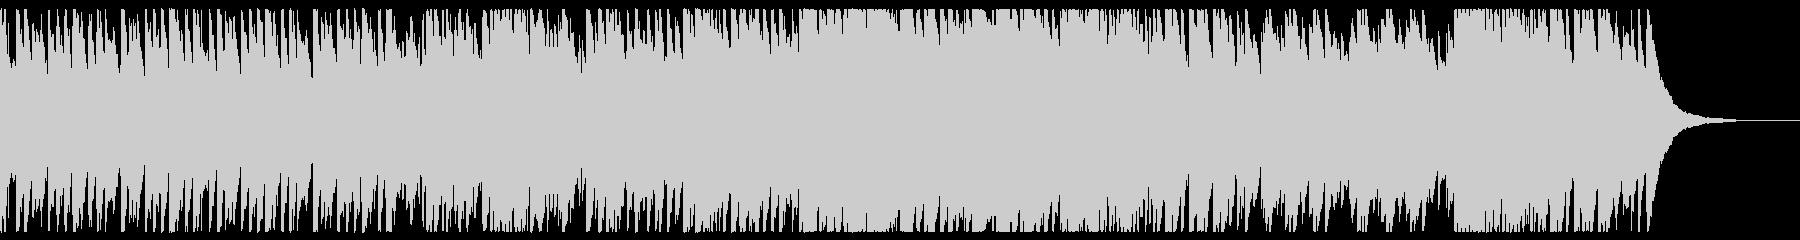 細く鳴り響くオルゴールの未再生の波形